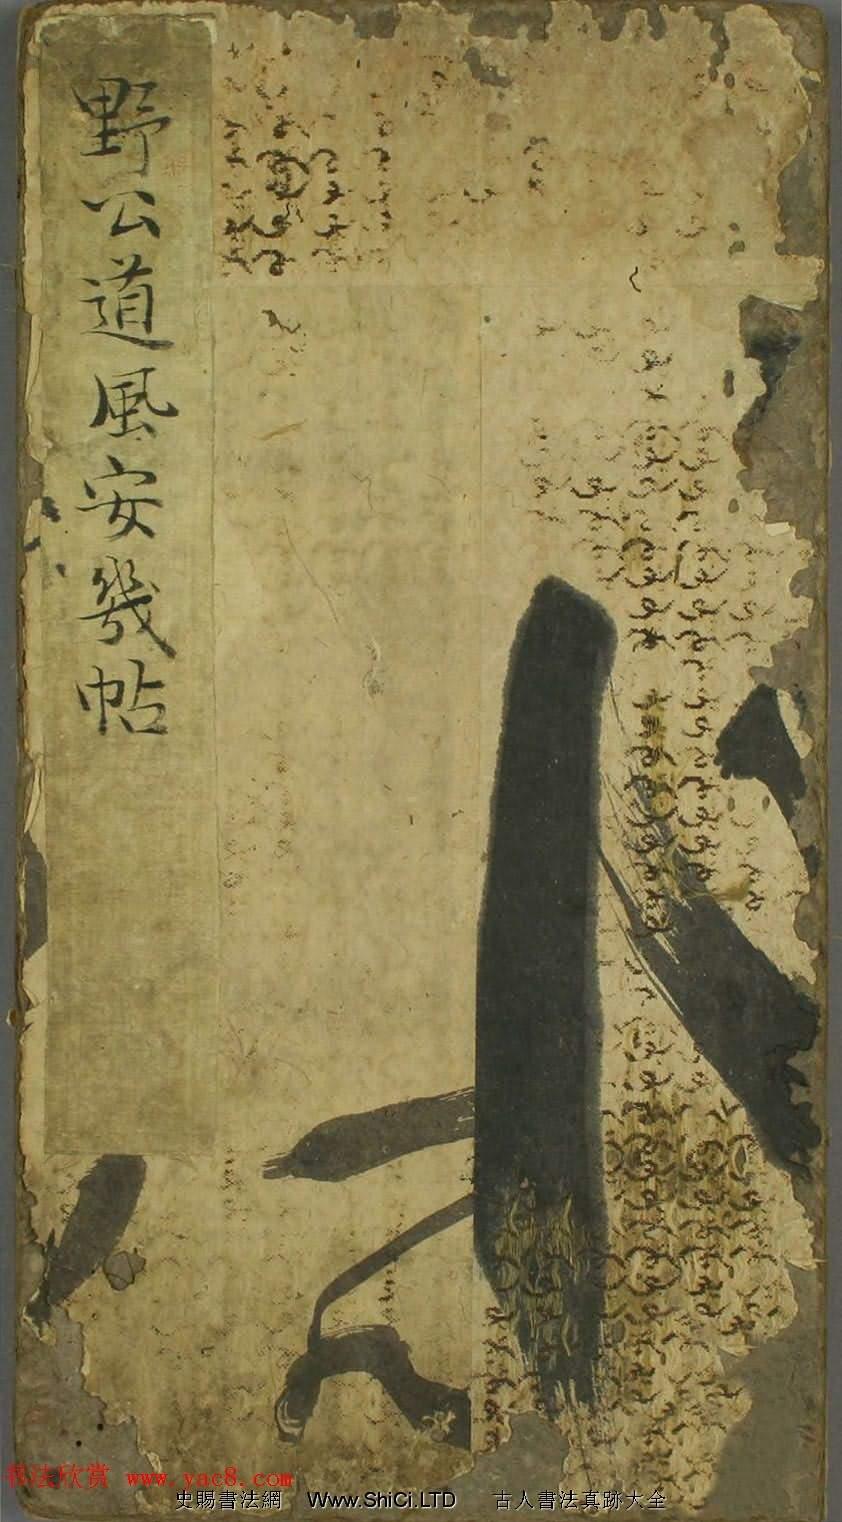 日本小野道風草書真跡欣賞《野公道風安幾帖》(共26張圖片)